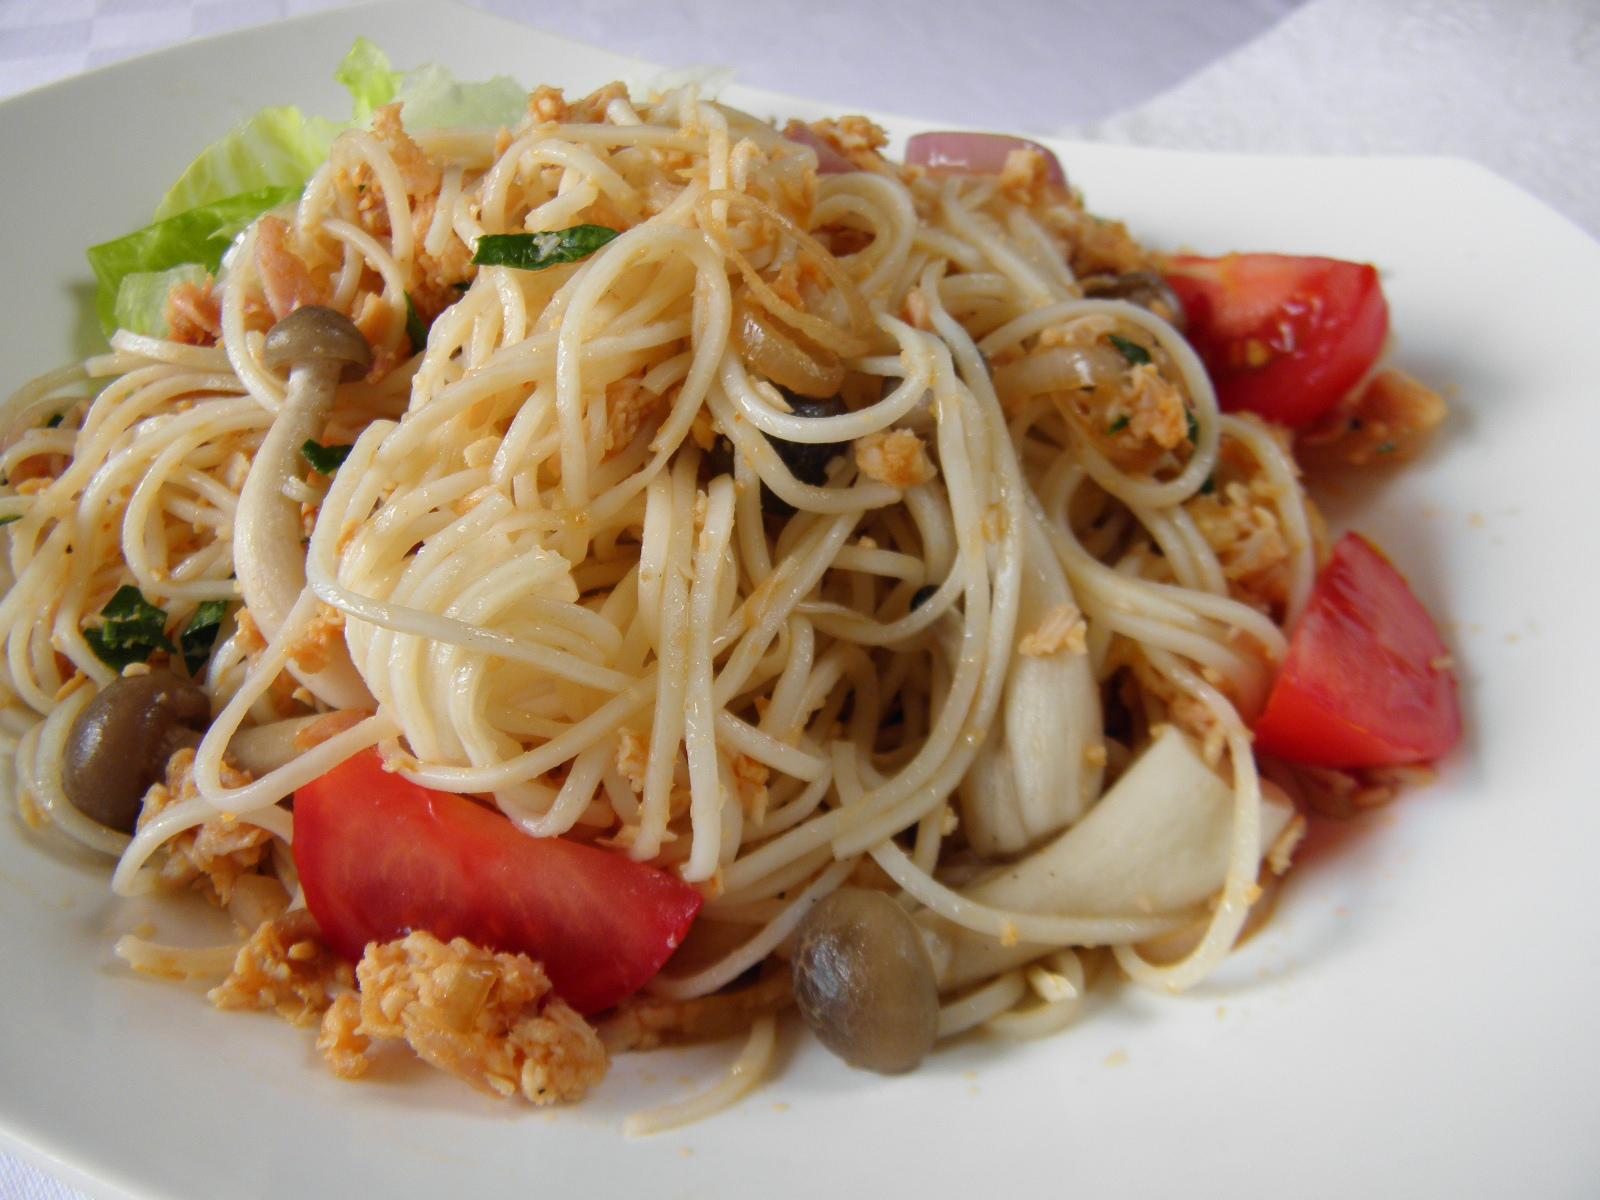 Čínské nudle s krůtím masem a houbami Shimeji